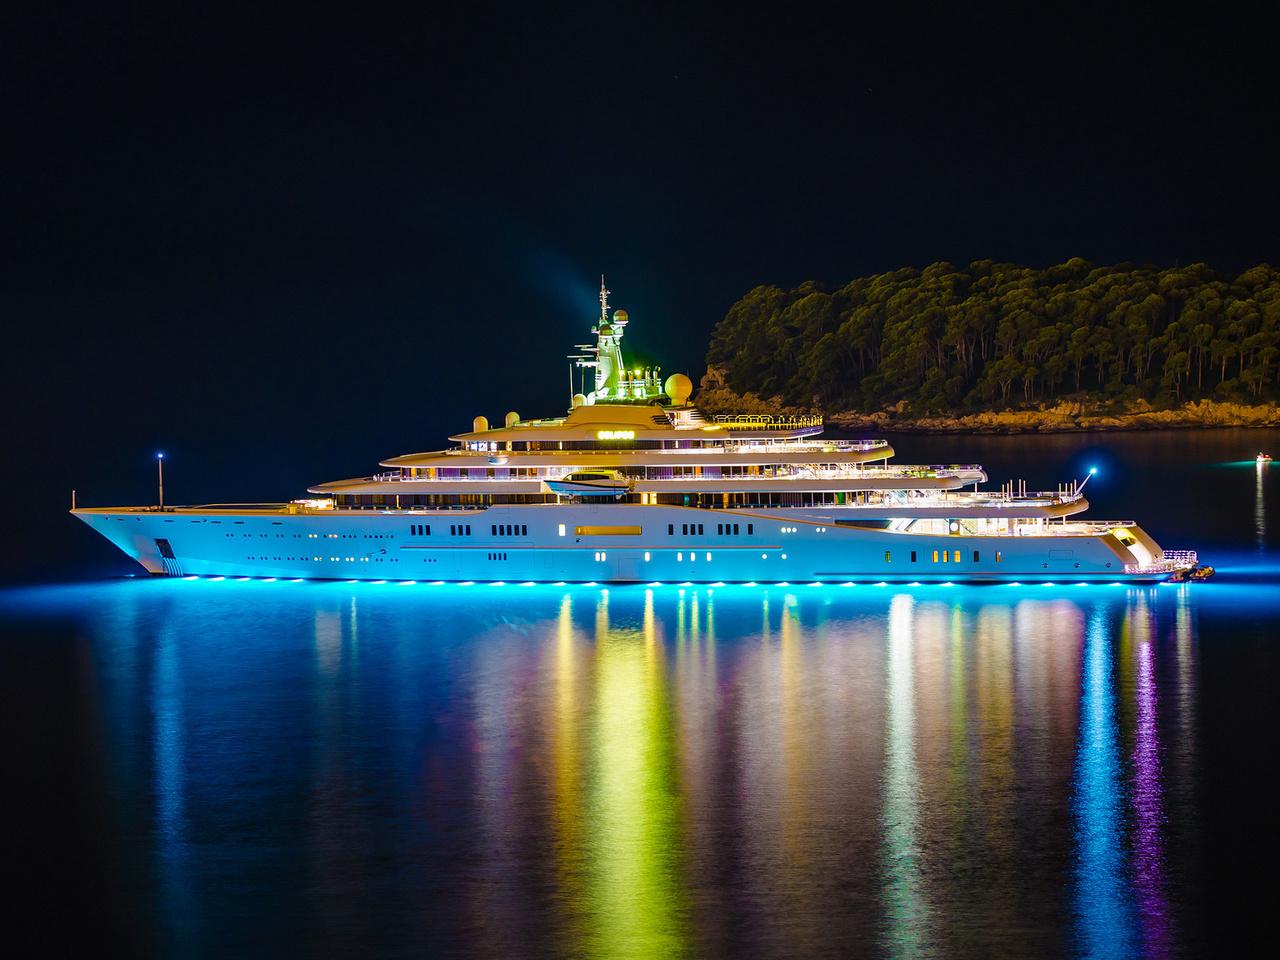 eclipse, yacht, огни, Роскошная, остров, мега, яхта, ночь